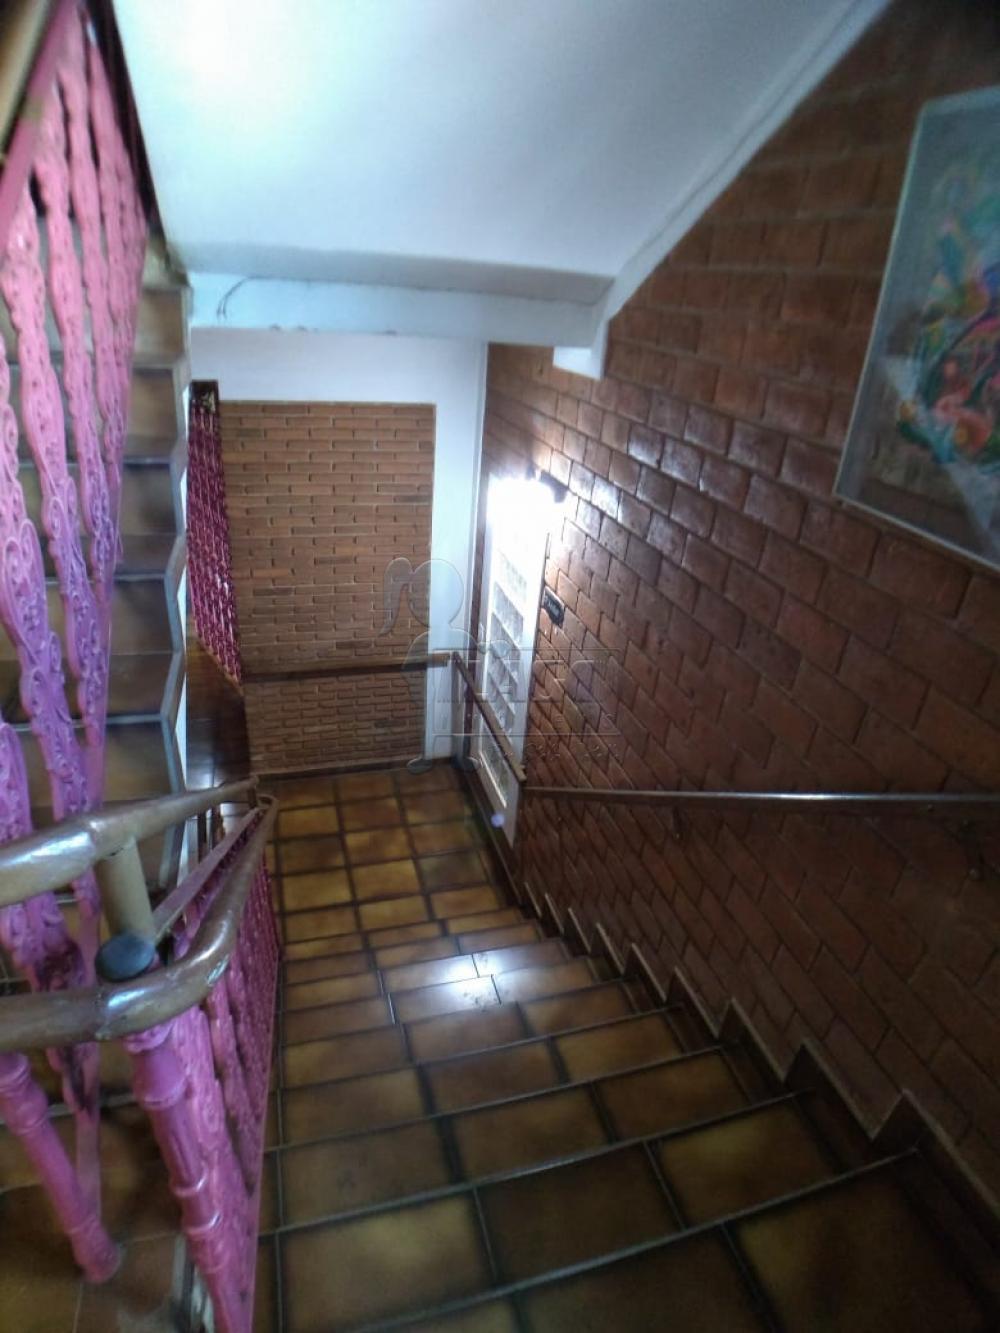 Alugar Comercial / Imóvel Comercial em Ribeirão Preto apenas R$ 4.000,00 - Foto 9